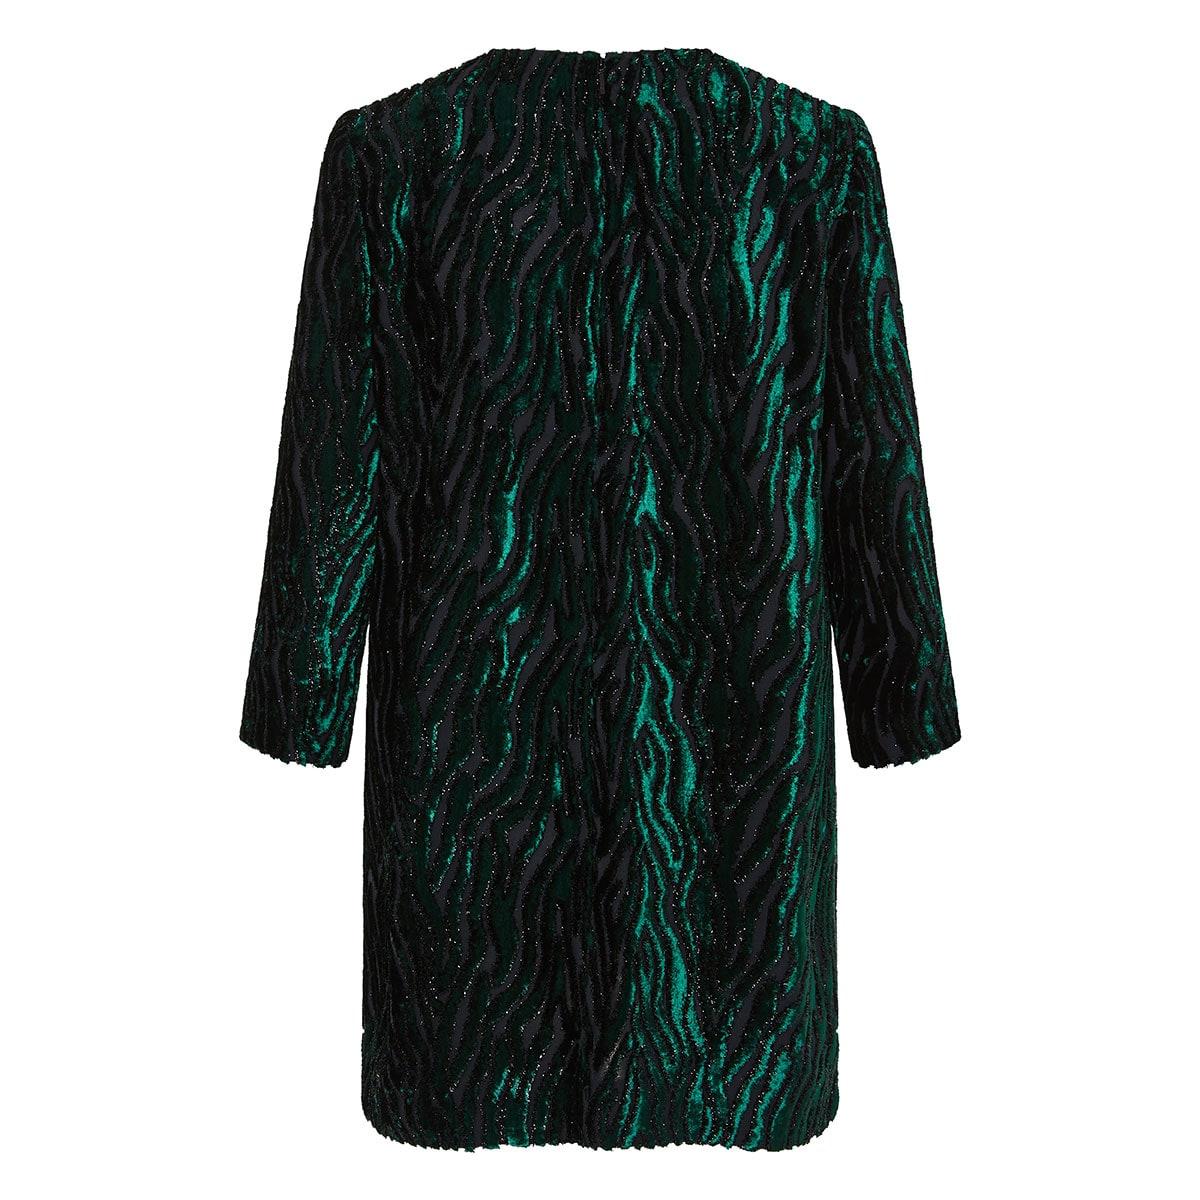 Jacquard lamè velvet mini dress